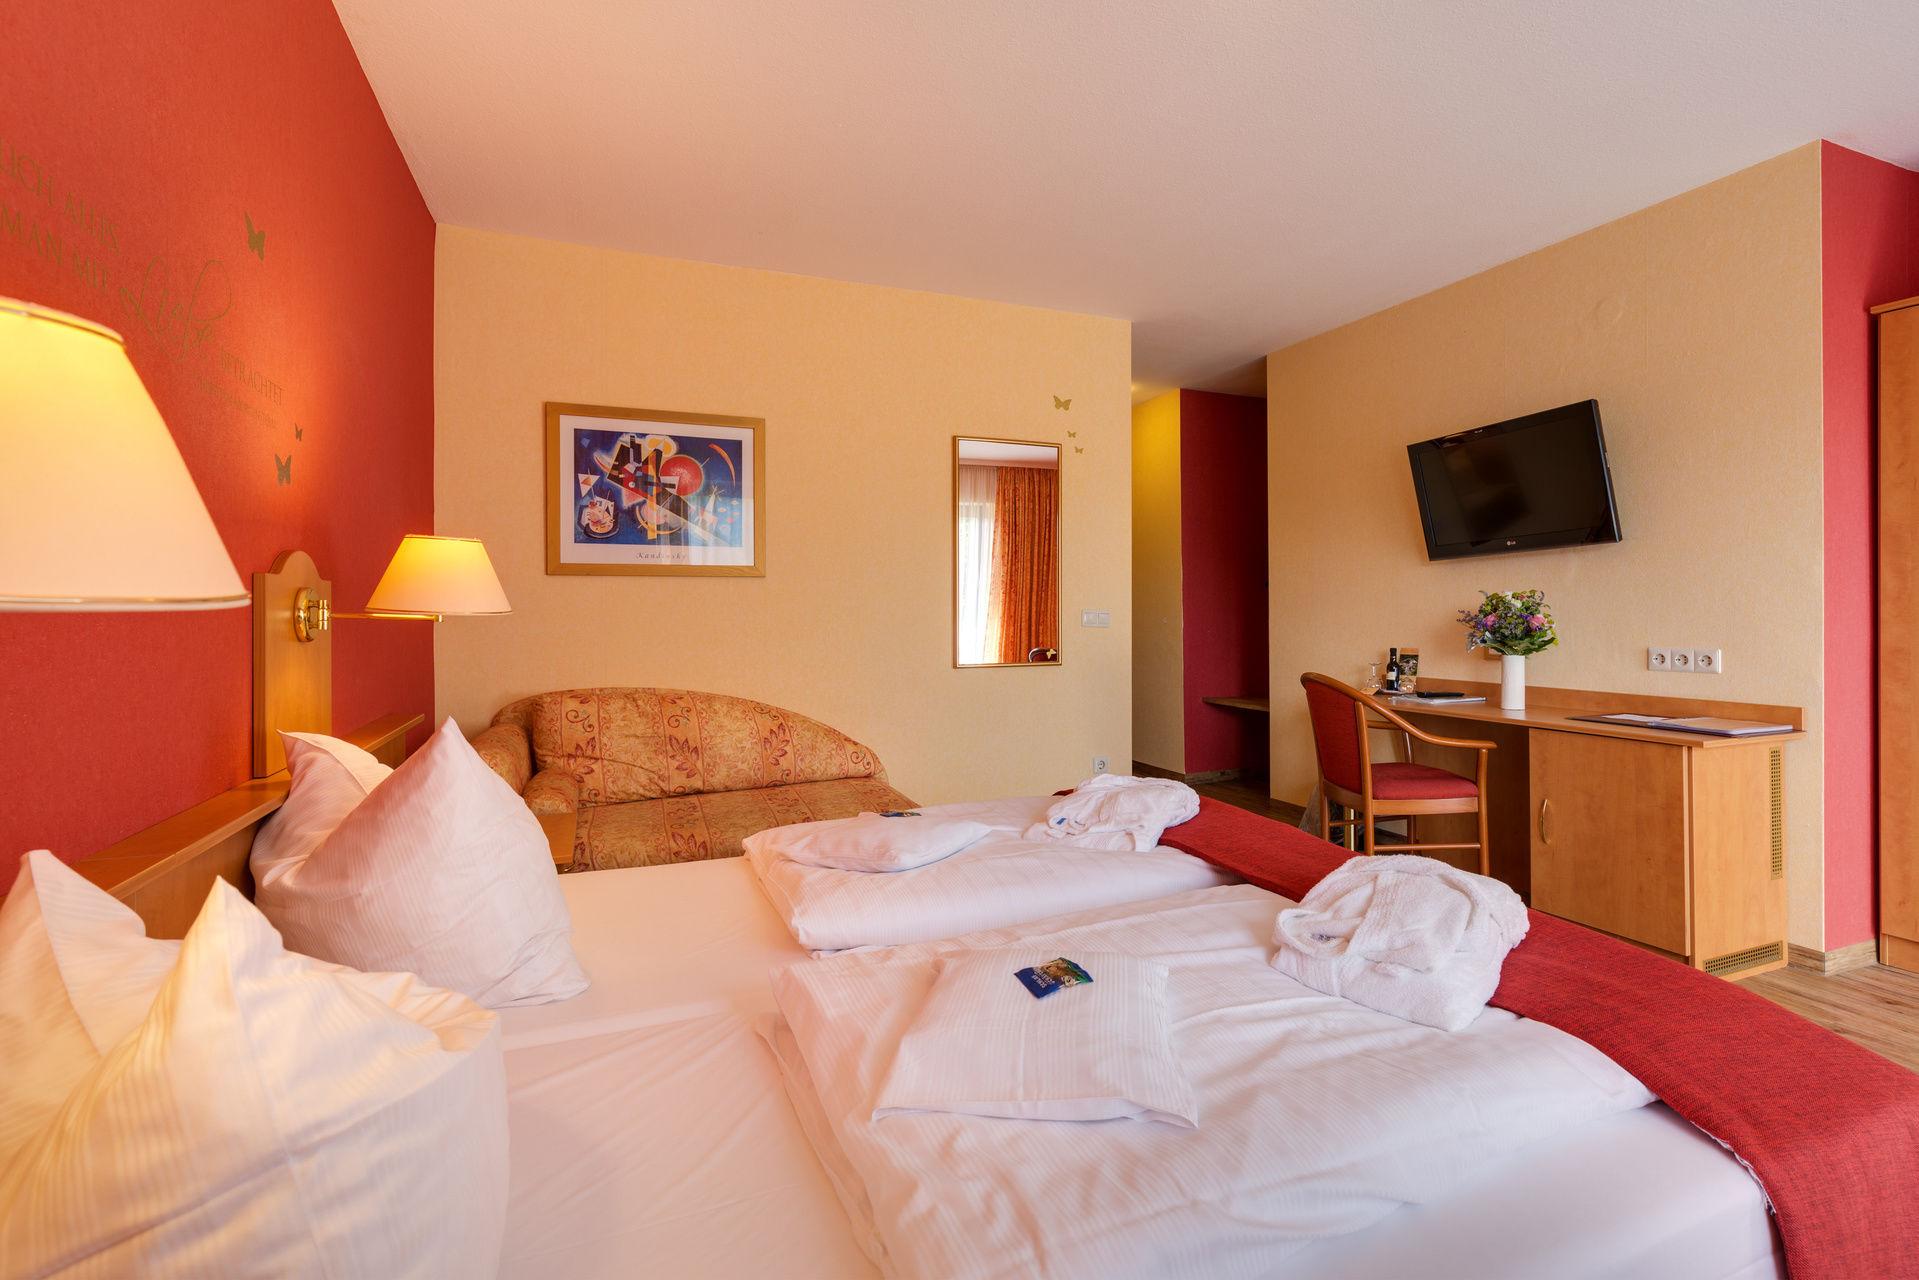 Angebote Preise 3 Sterne Hotel In Erfweiler Pfalz Dahner